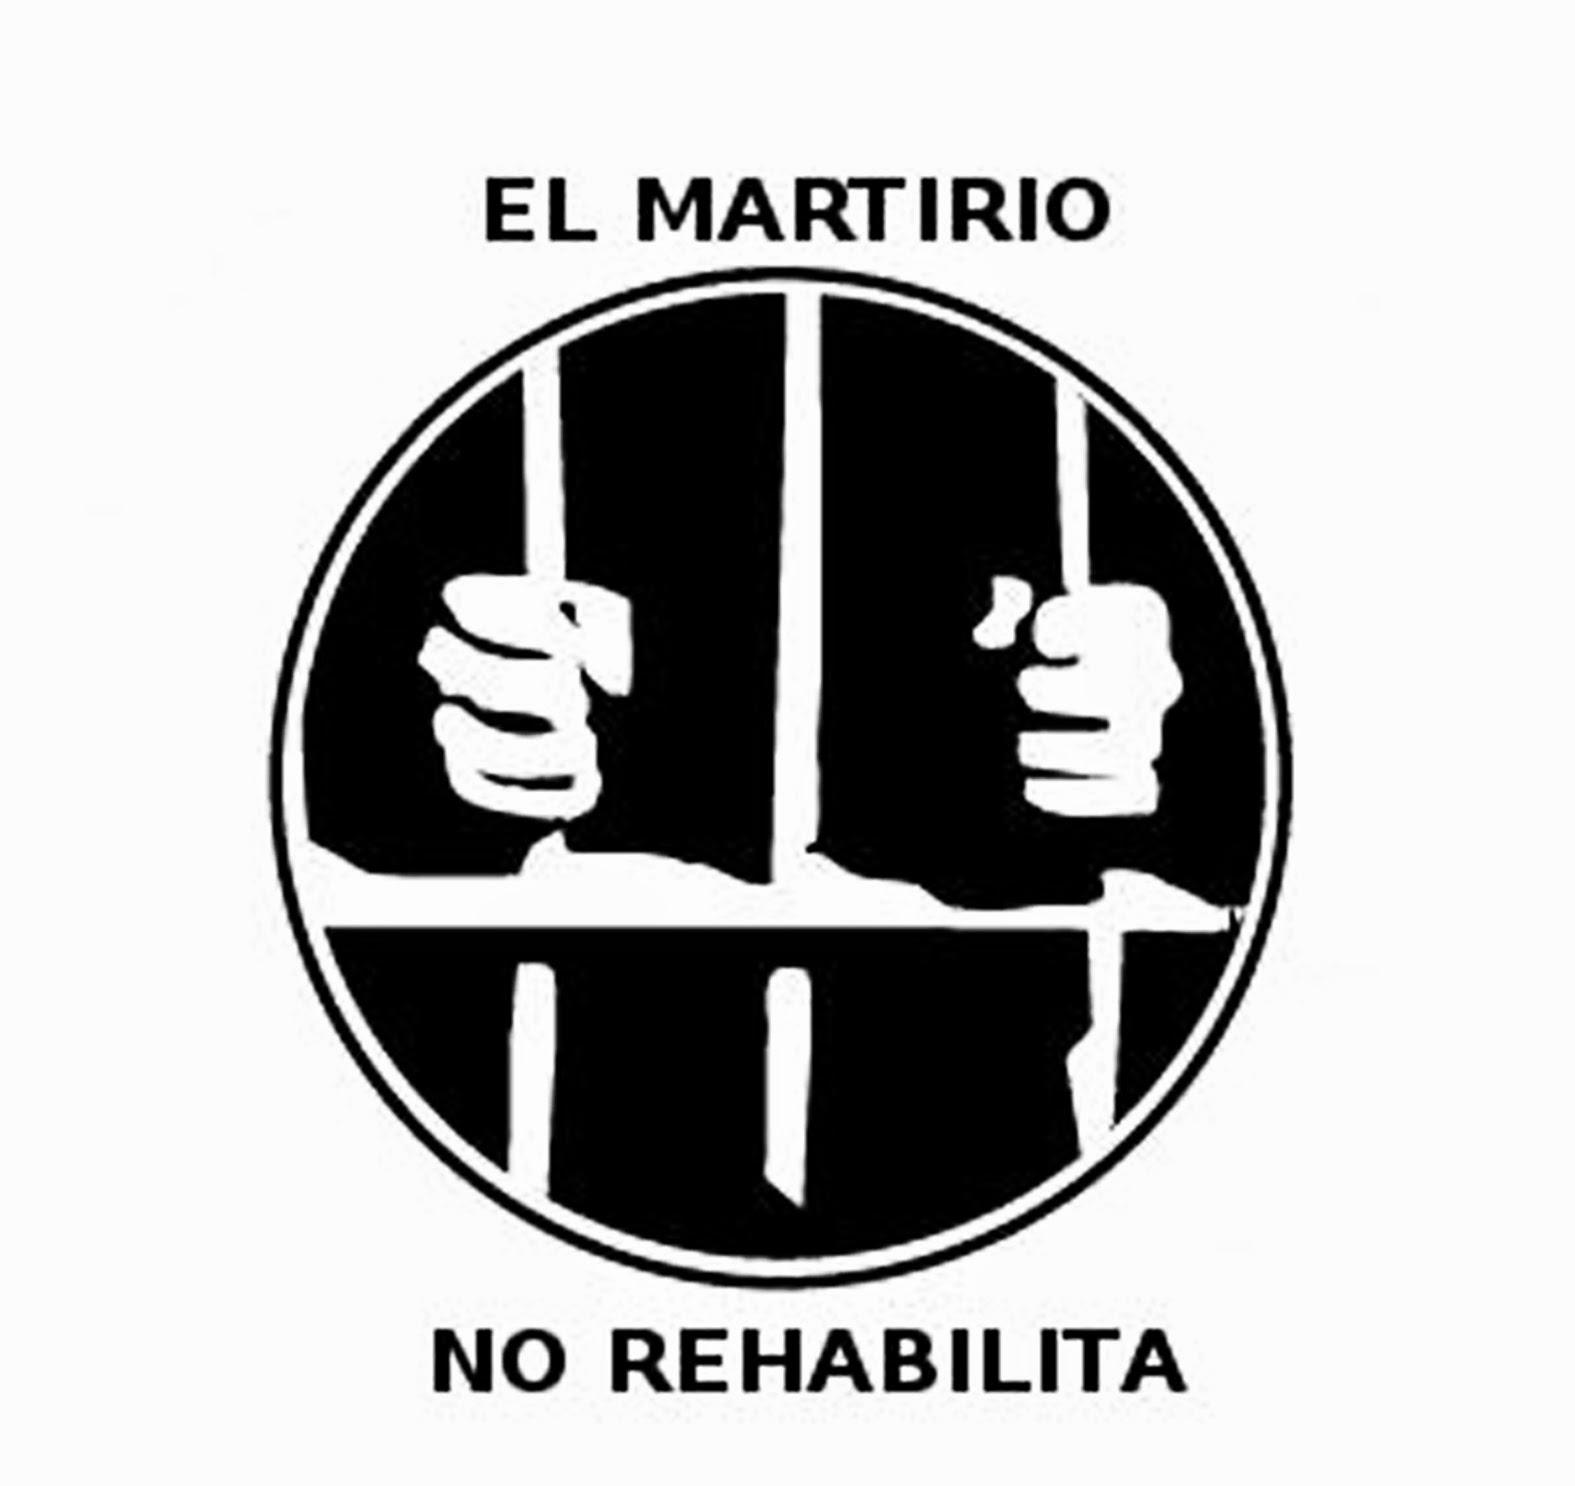 La Crueldad como Rehabilitacin en Crceles del Ecuador